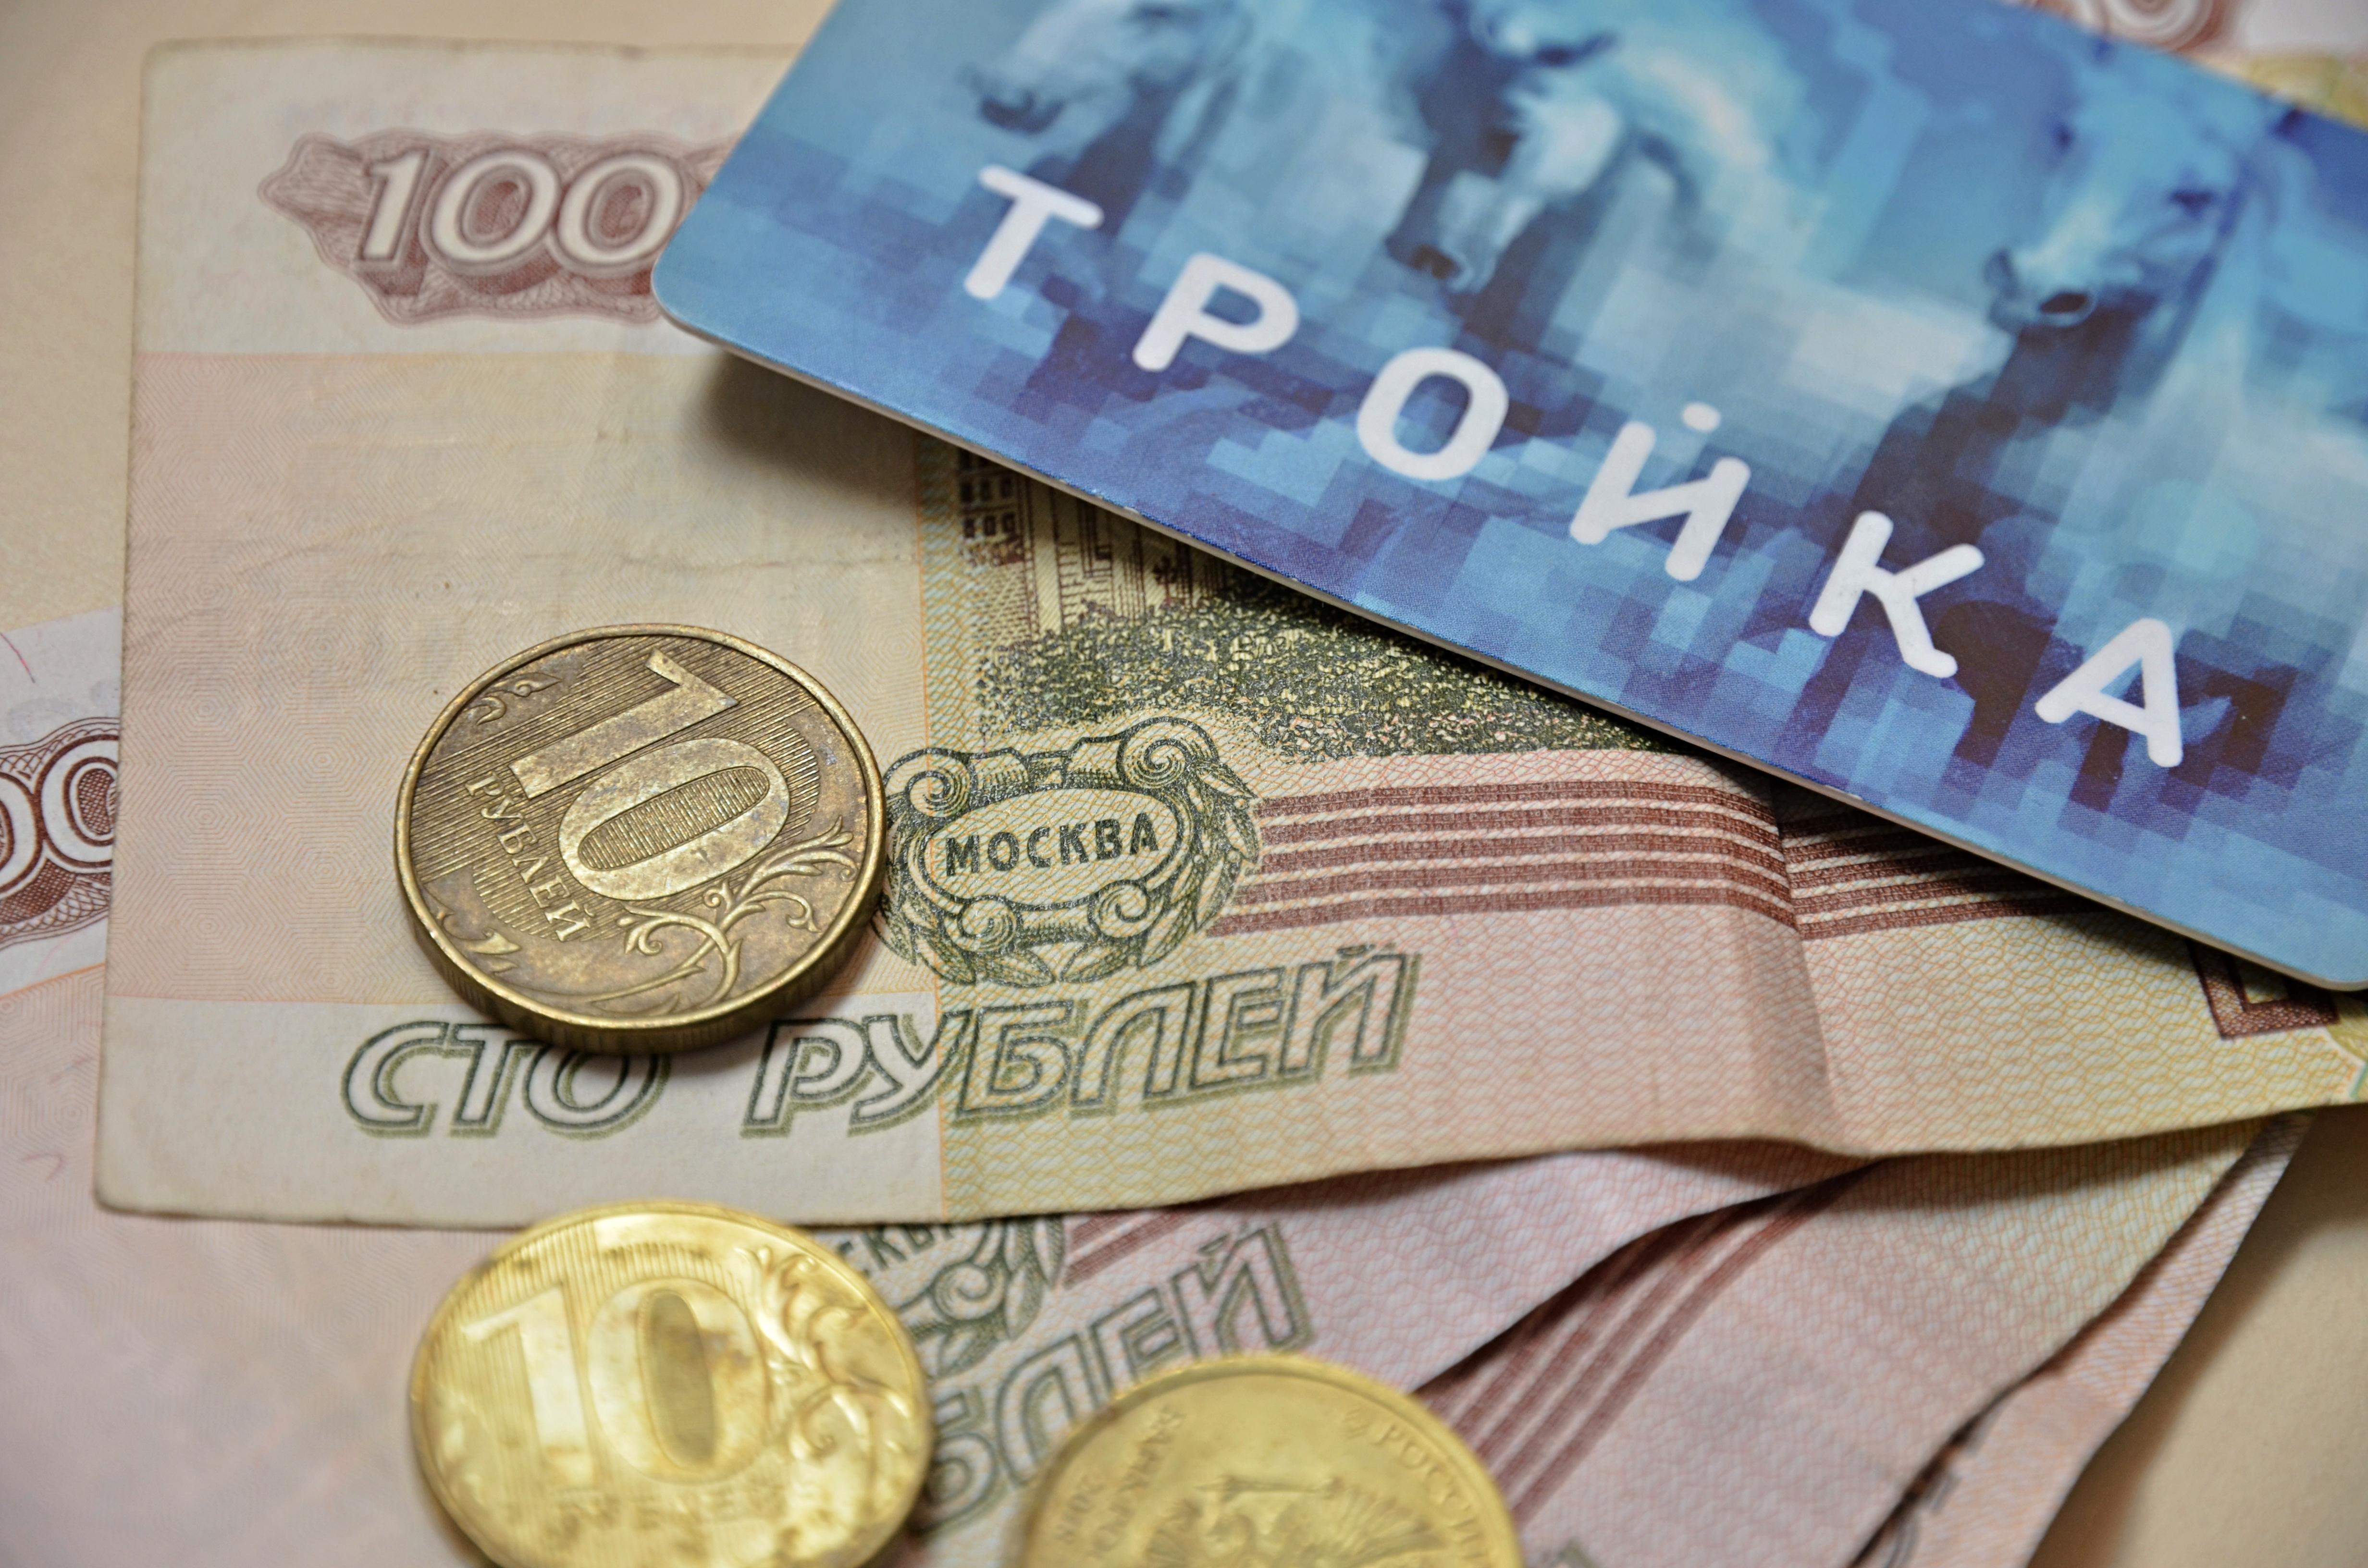 Тарифы на проезд в общественном транспорте Москвы повысили со второго января